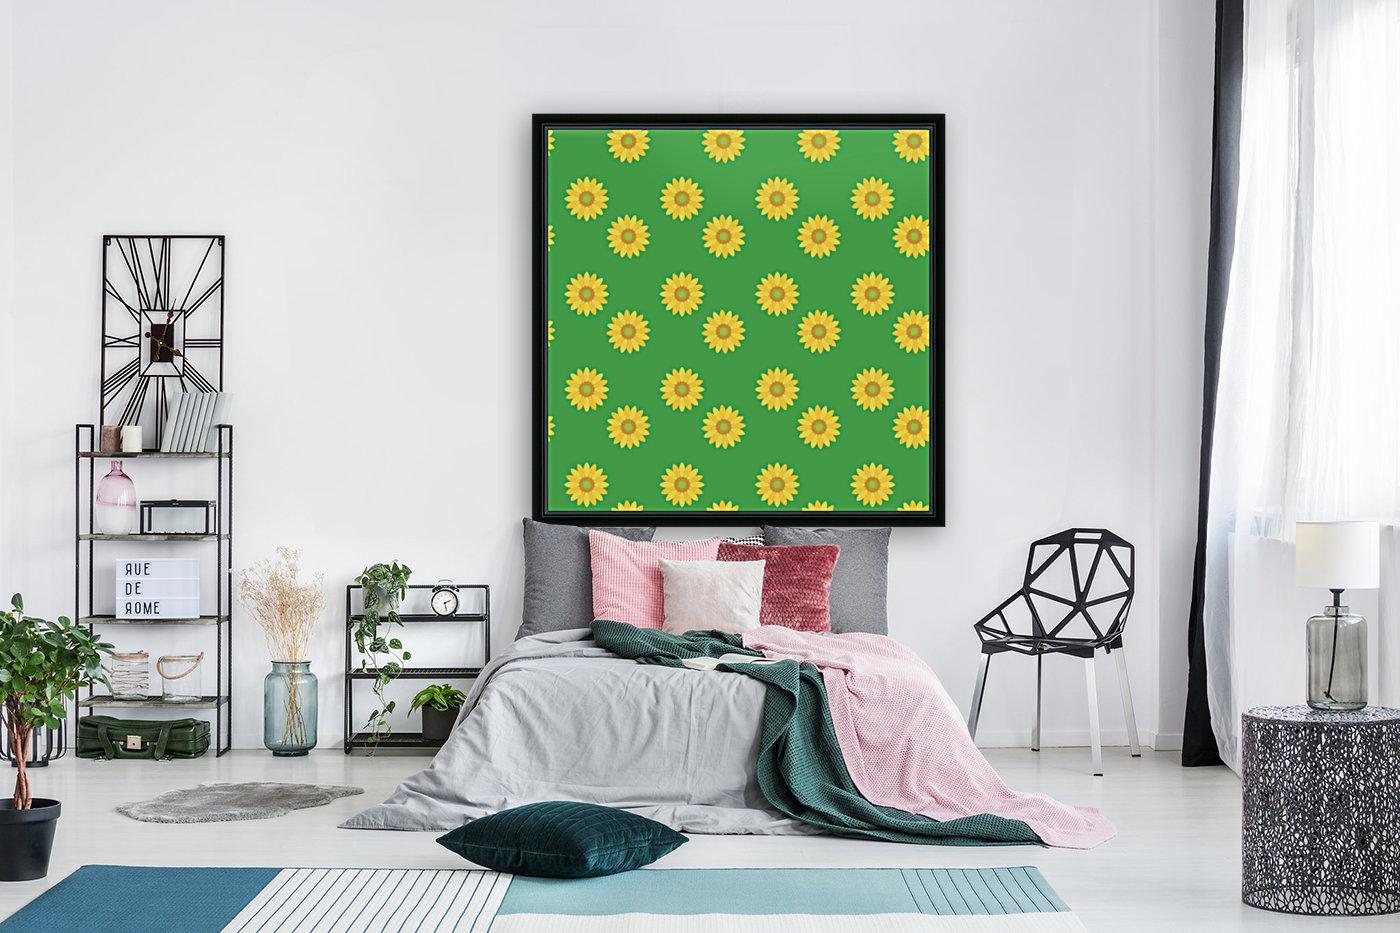 Sunflower (38)_1559875865.3493  Art